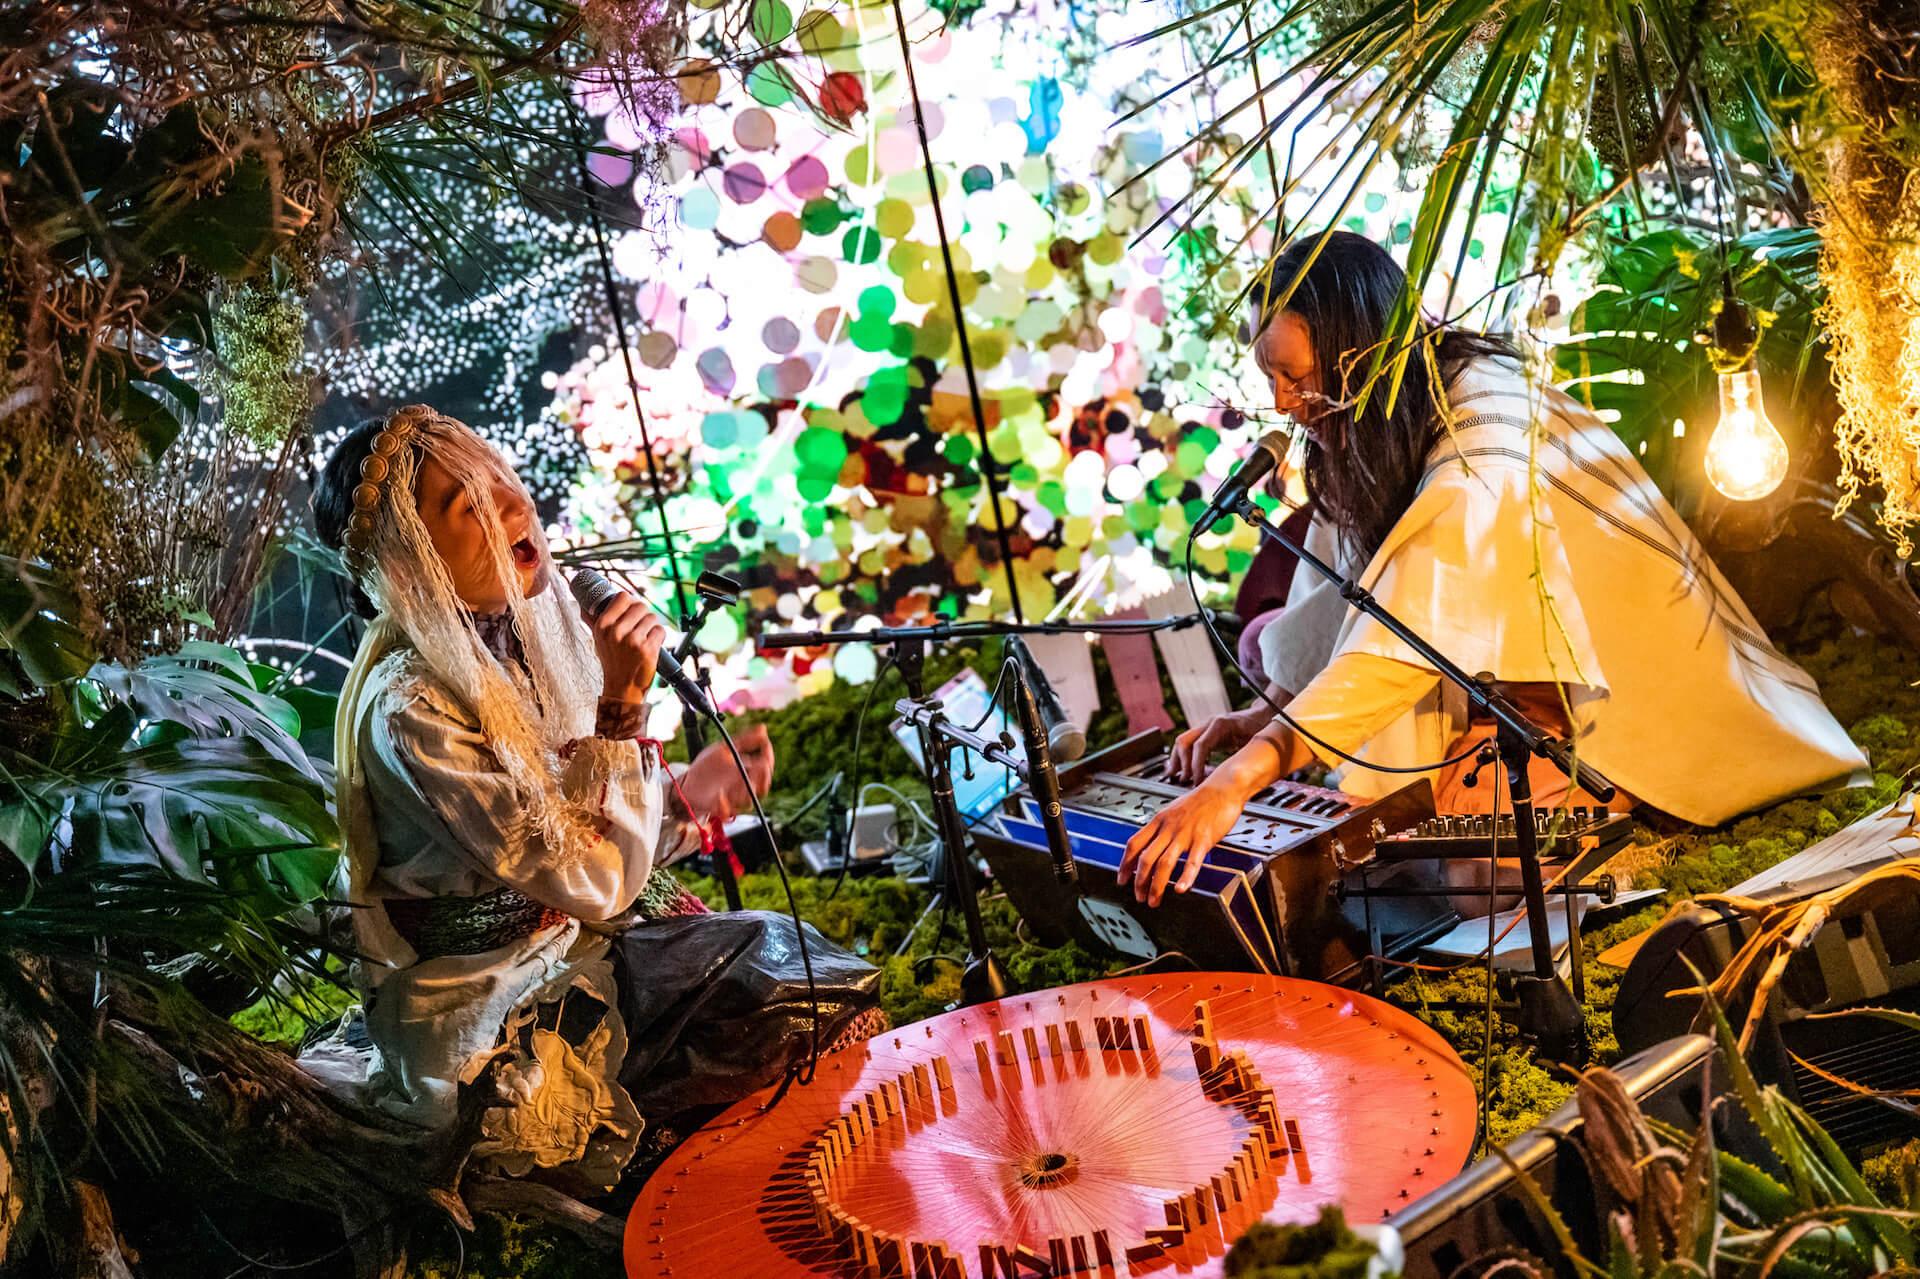 YAKUSHIMA TREASUREの死生観とポストコロナの表現 屋久島の原生林でのライヴ作品『ANOTHER LIVE』に迫る music210219_yakushimatreasure_28